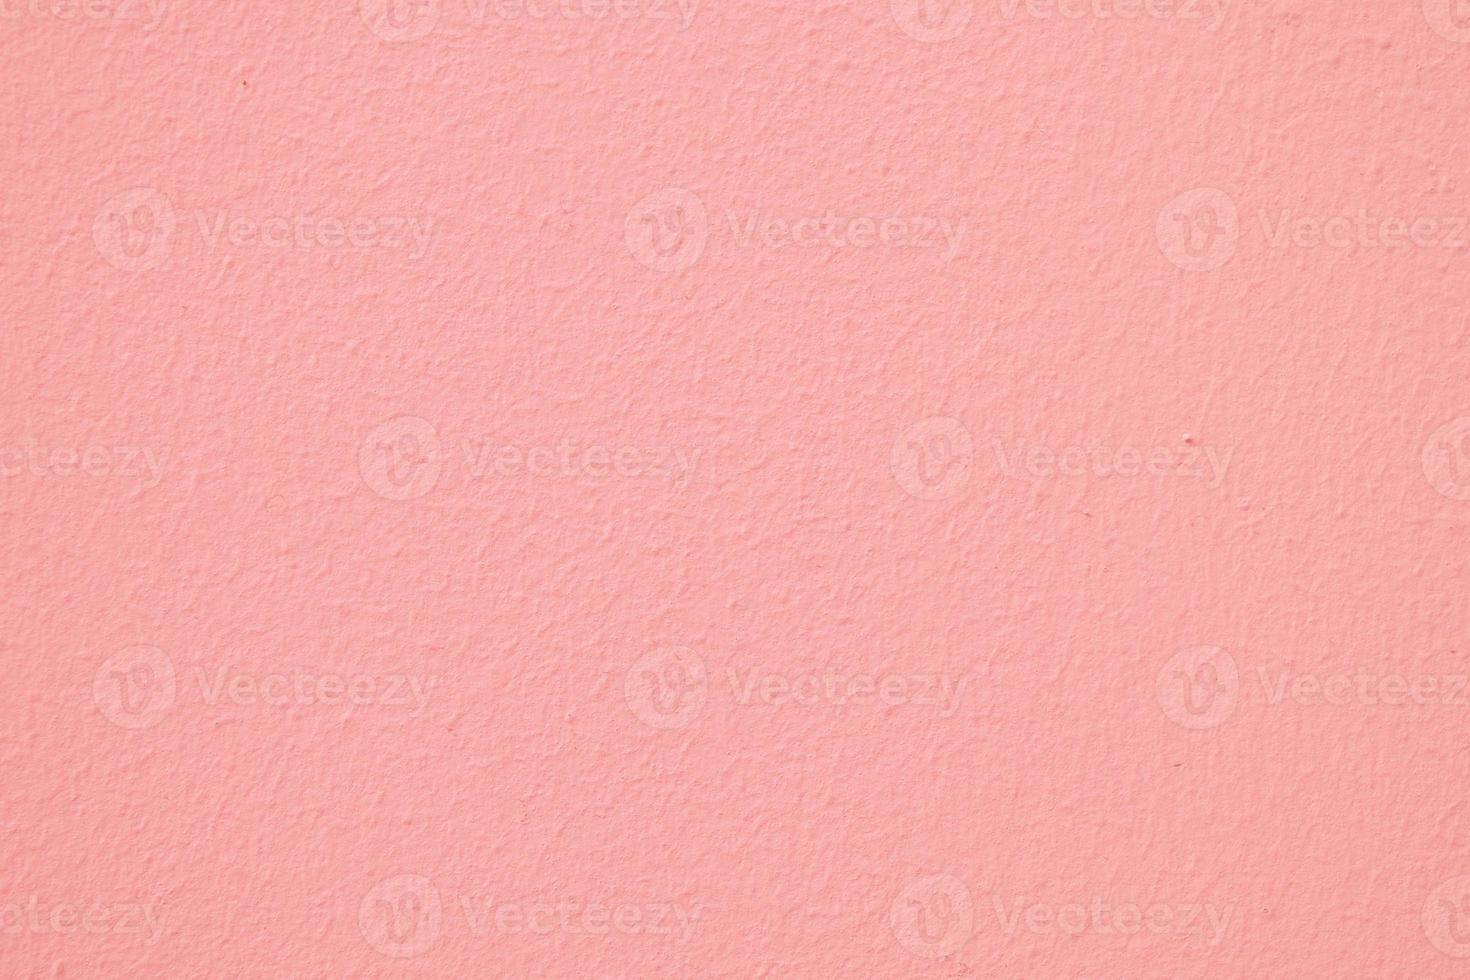 trama di cemento rosso utilizzato per lo sfondo foto